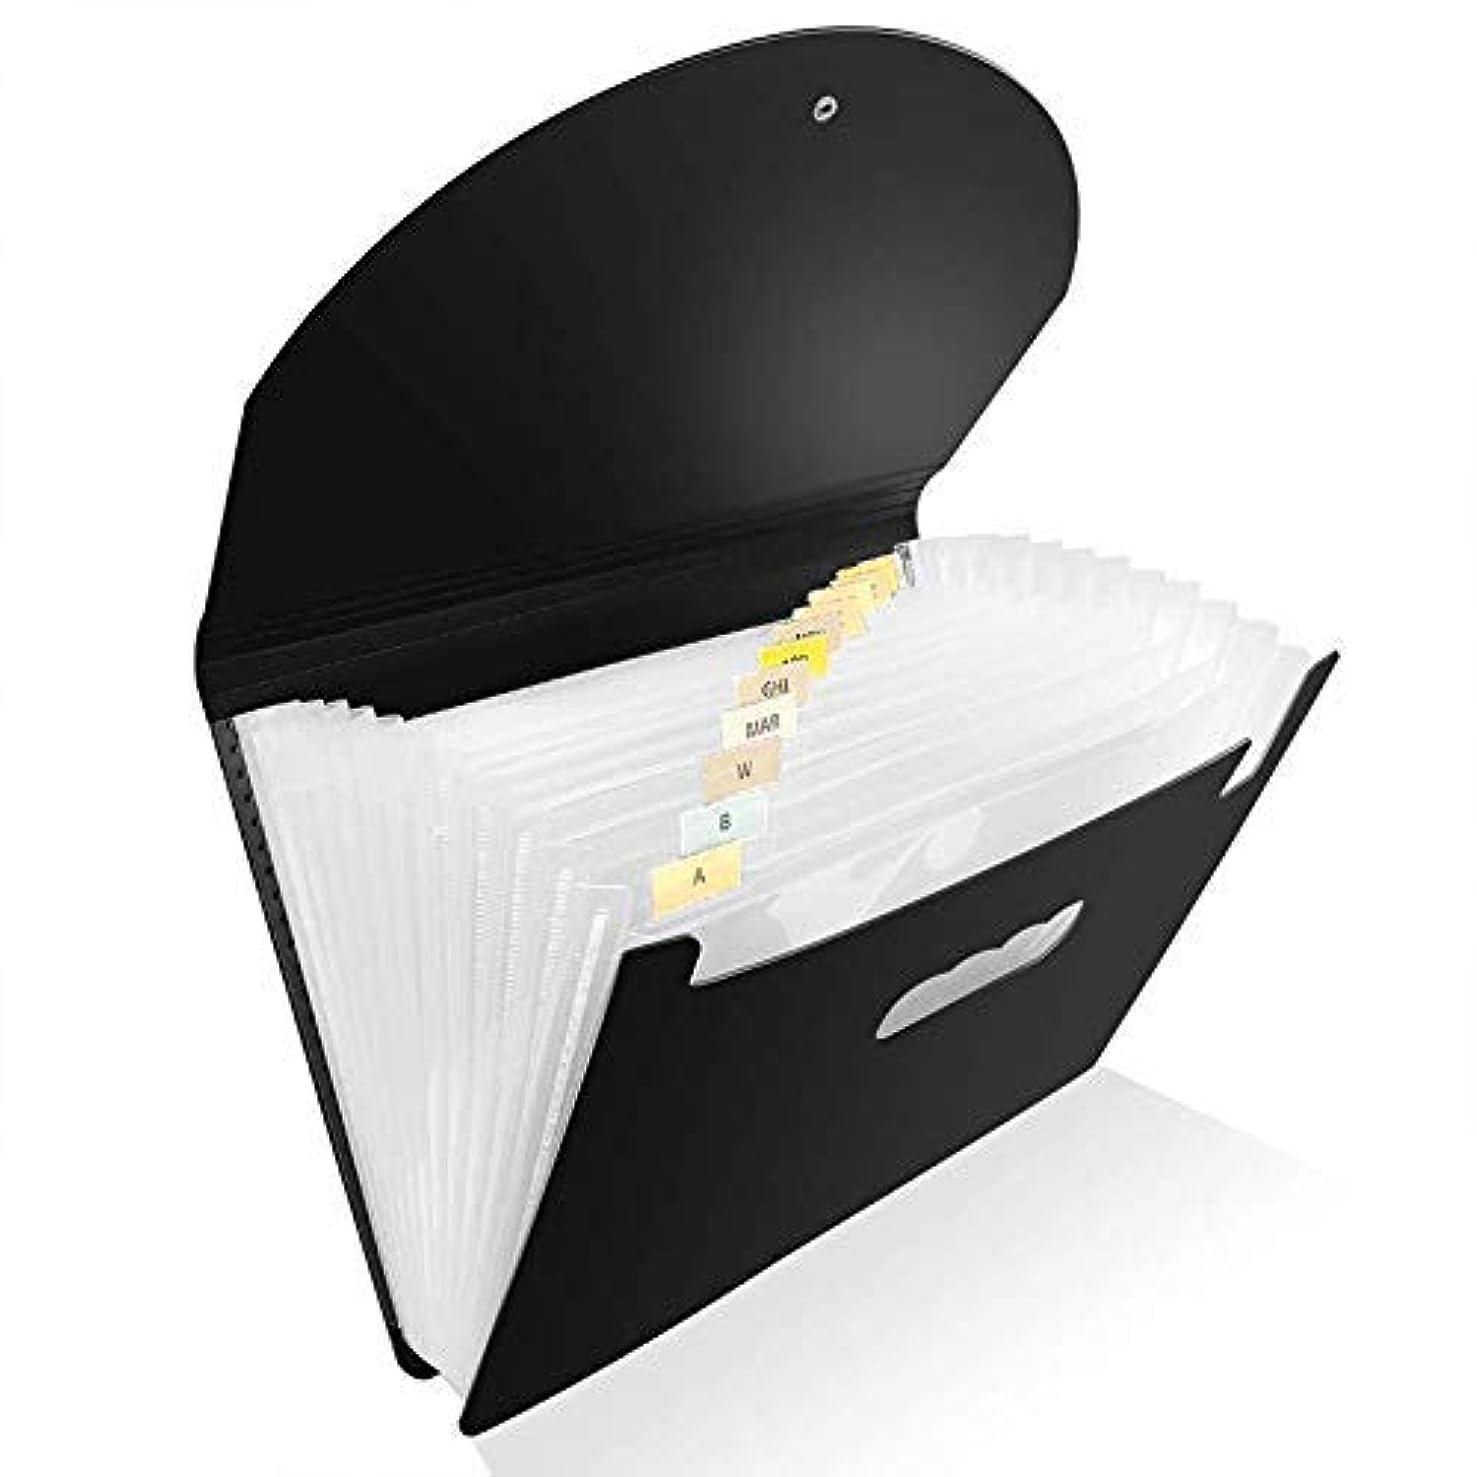 民主党アパルローストファイルフォルダ主催、ホームスクールオフィス用ヘビーデューティ拡大ファイルの財布、A4サイズ、ブラック APcjerp